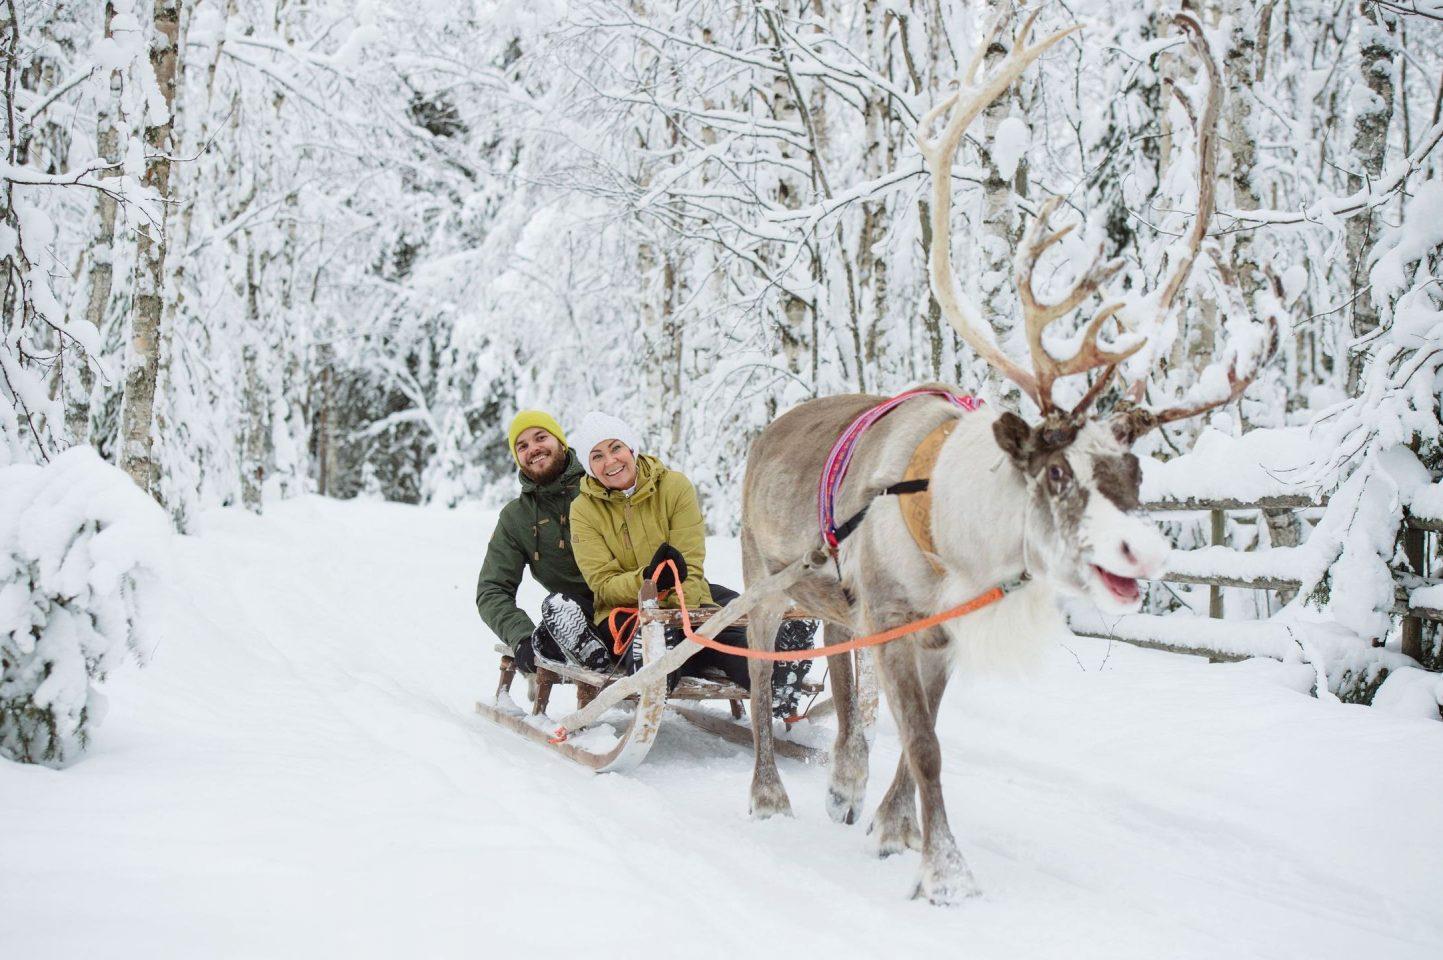 Traîneau à rennes, Laponie, Finlande